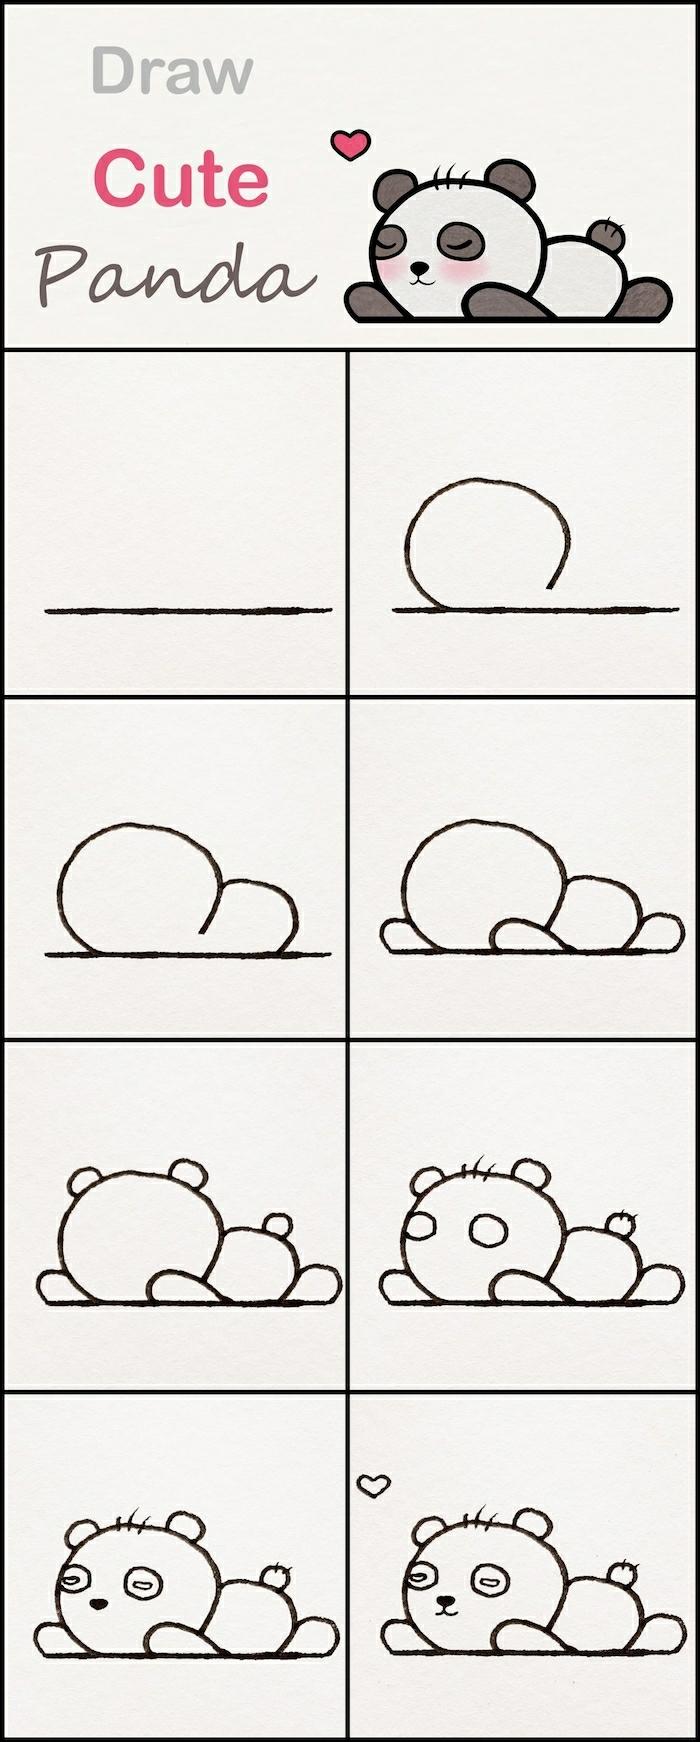 pasos para dibujar una panda pequeña, dibujos kawaii originales paso a paso, como dibujar un animalito tierno en casa